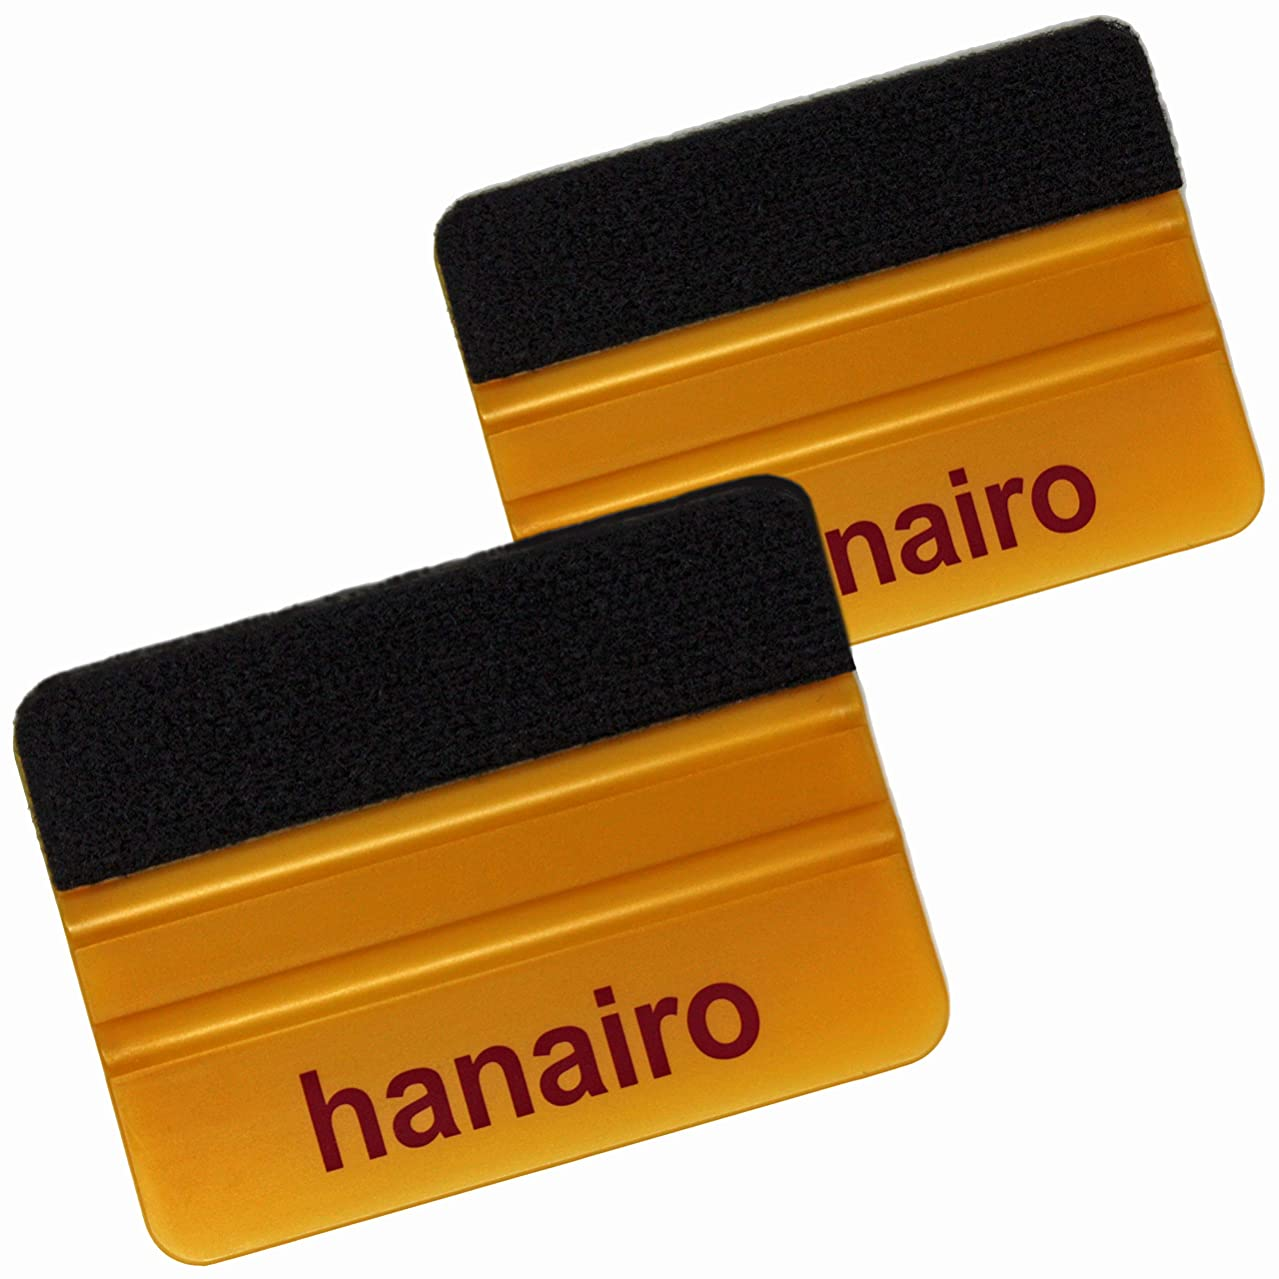 美徳疼痛干渉するhanairo スキージ (ロングフェルト付き) (ゴールド 2個)